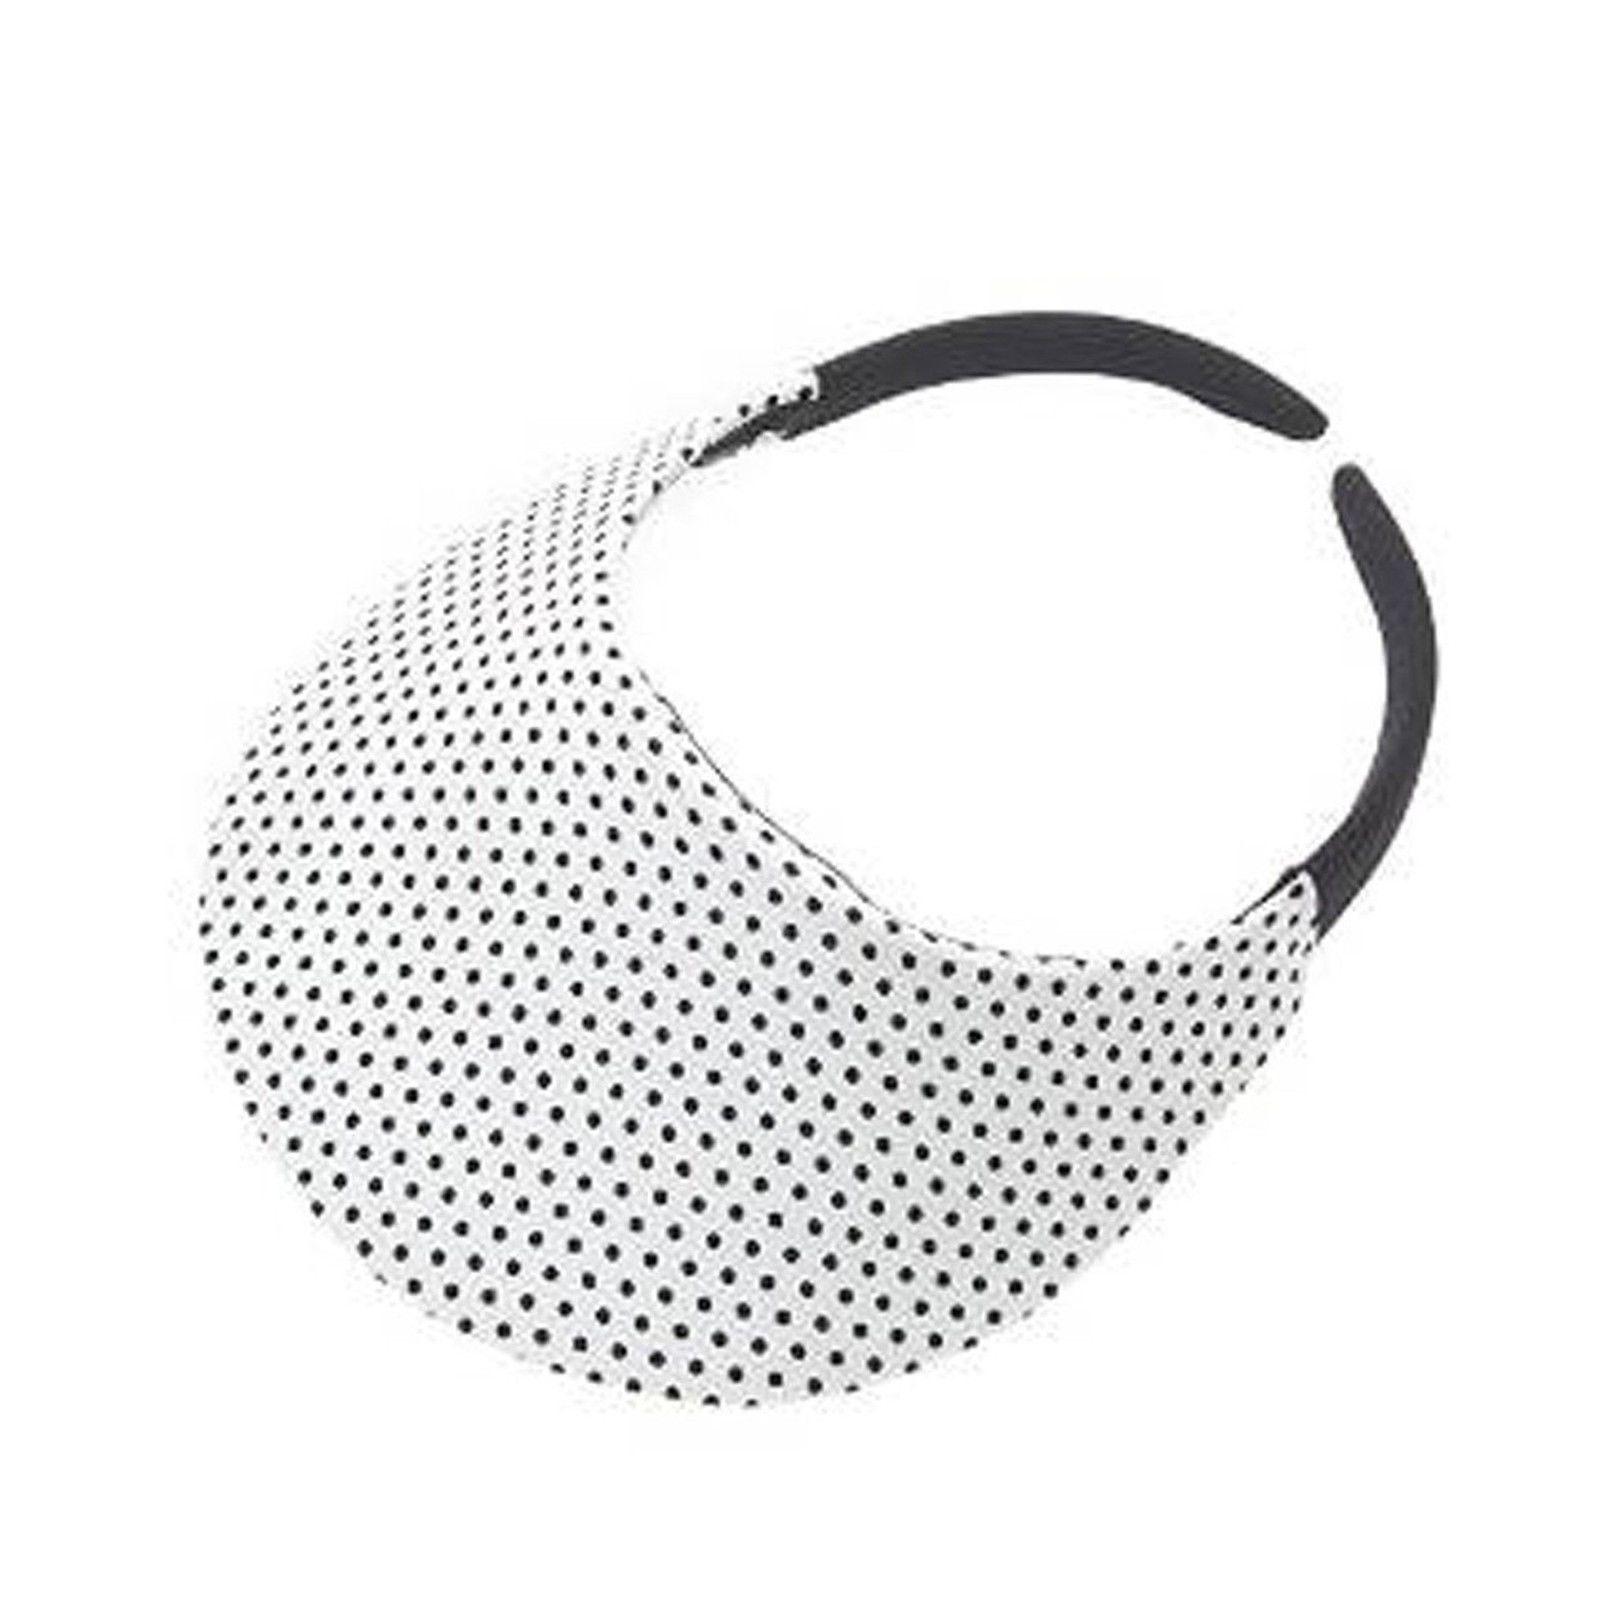 1600x1600 The No Headache Midsize Womens Sun Visor Hat (White Dot) Ebay 26f321dbd07